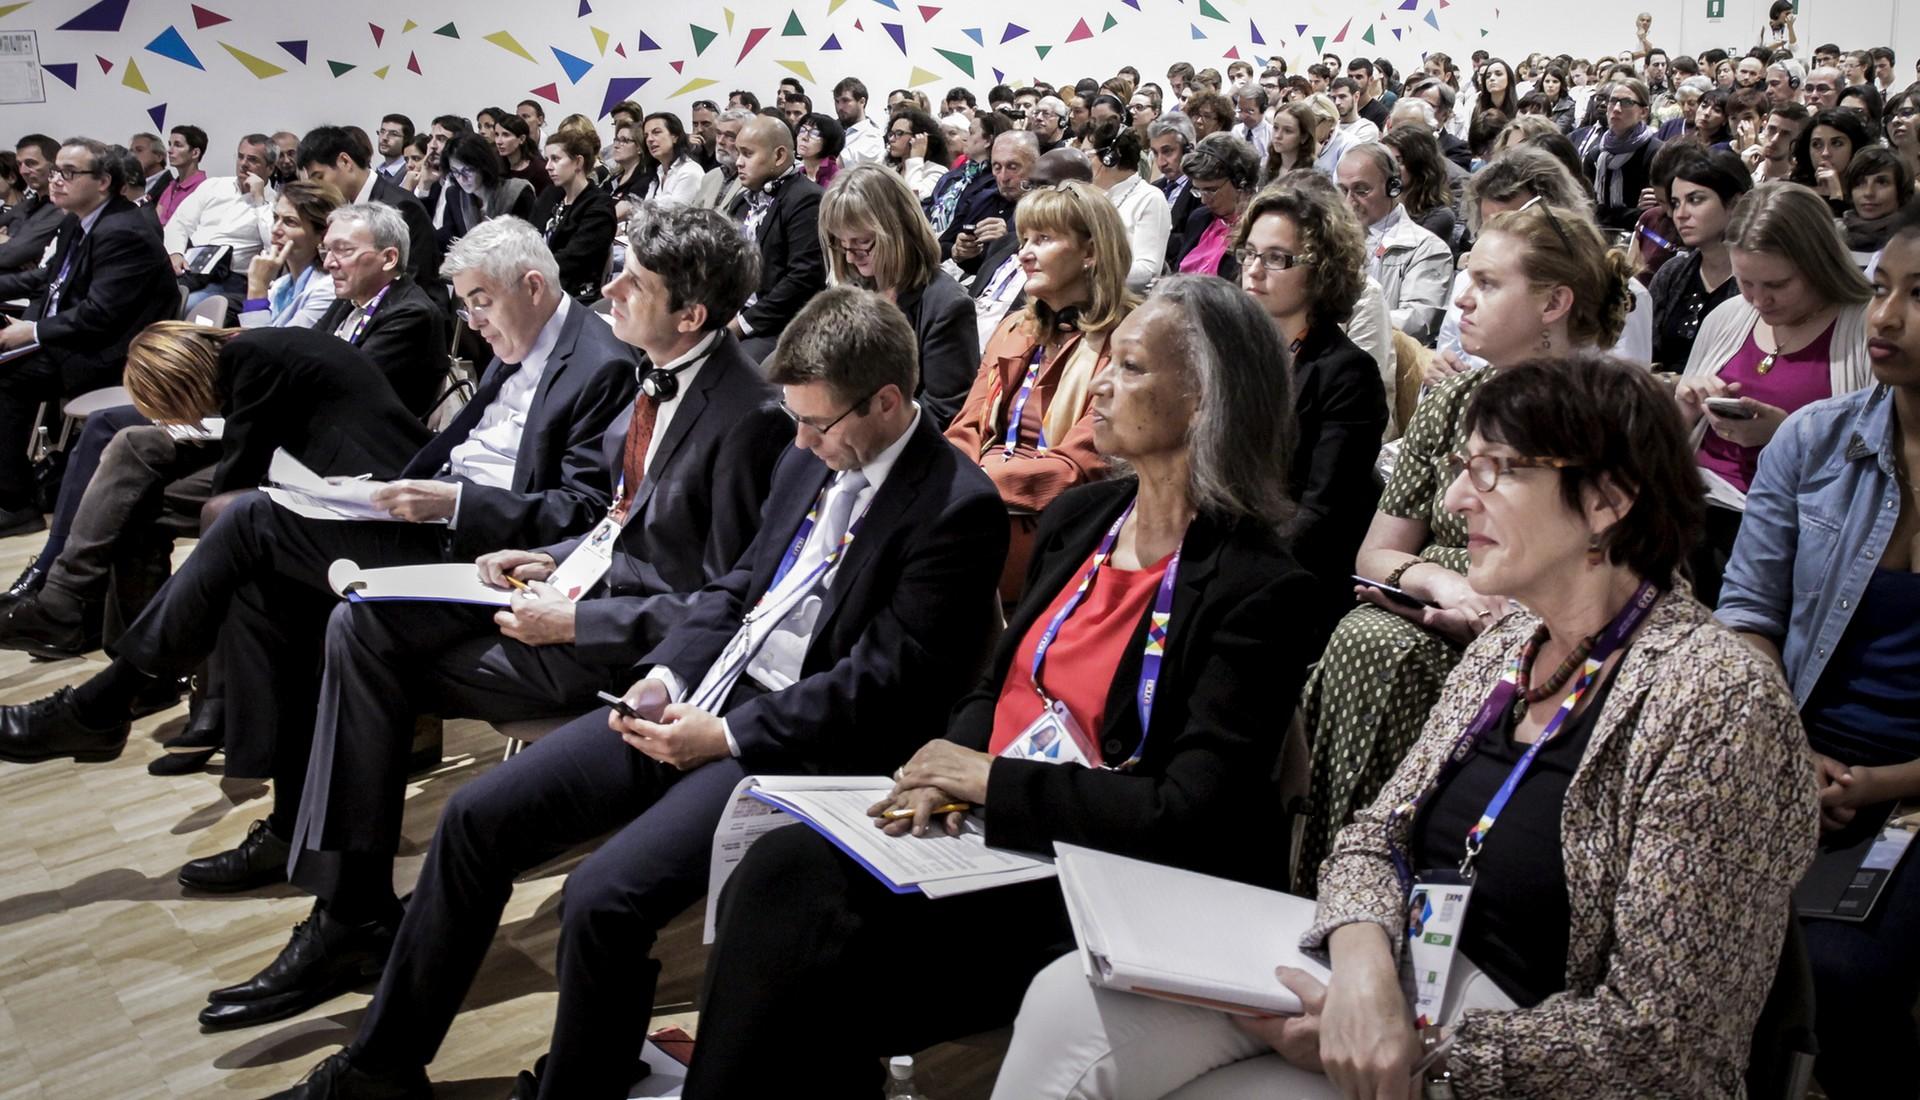 Cittadinanza attiva. Presentazione dell'Indice Globale della Fame a Expo 2015. Ph. Dario Mastrocola.